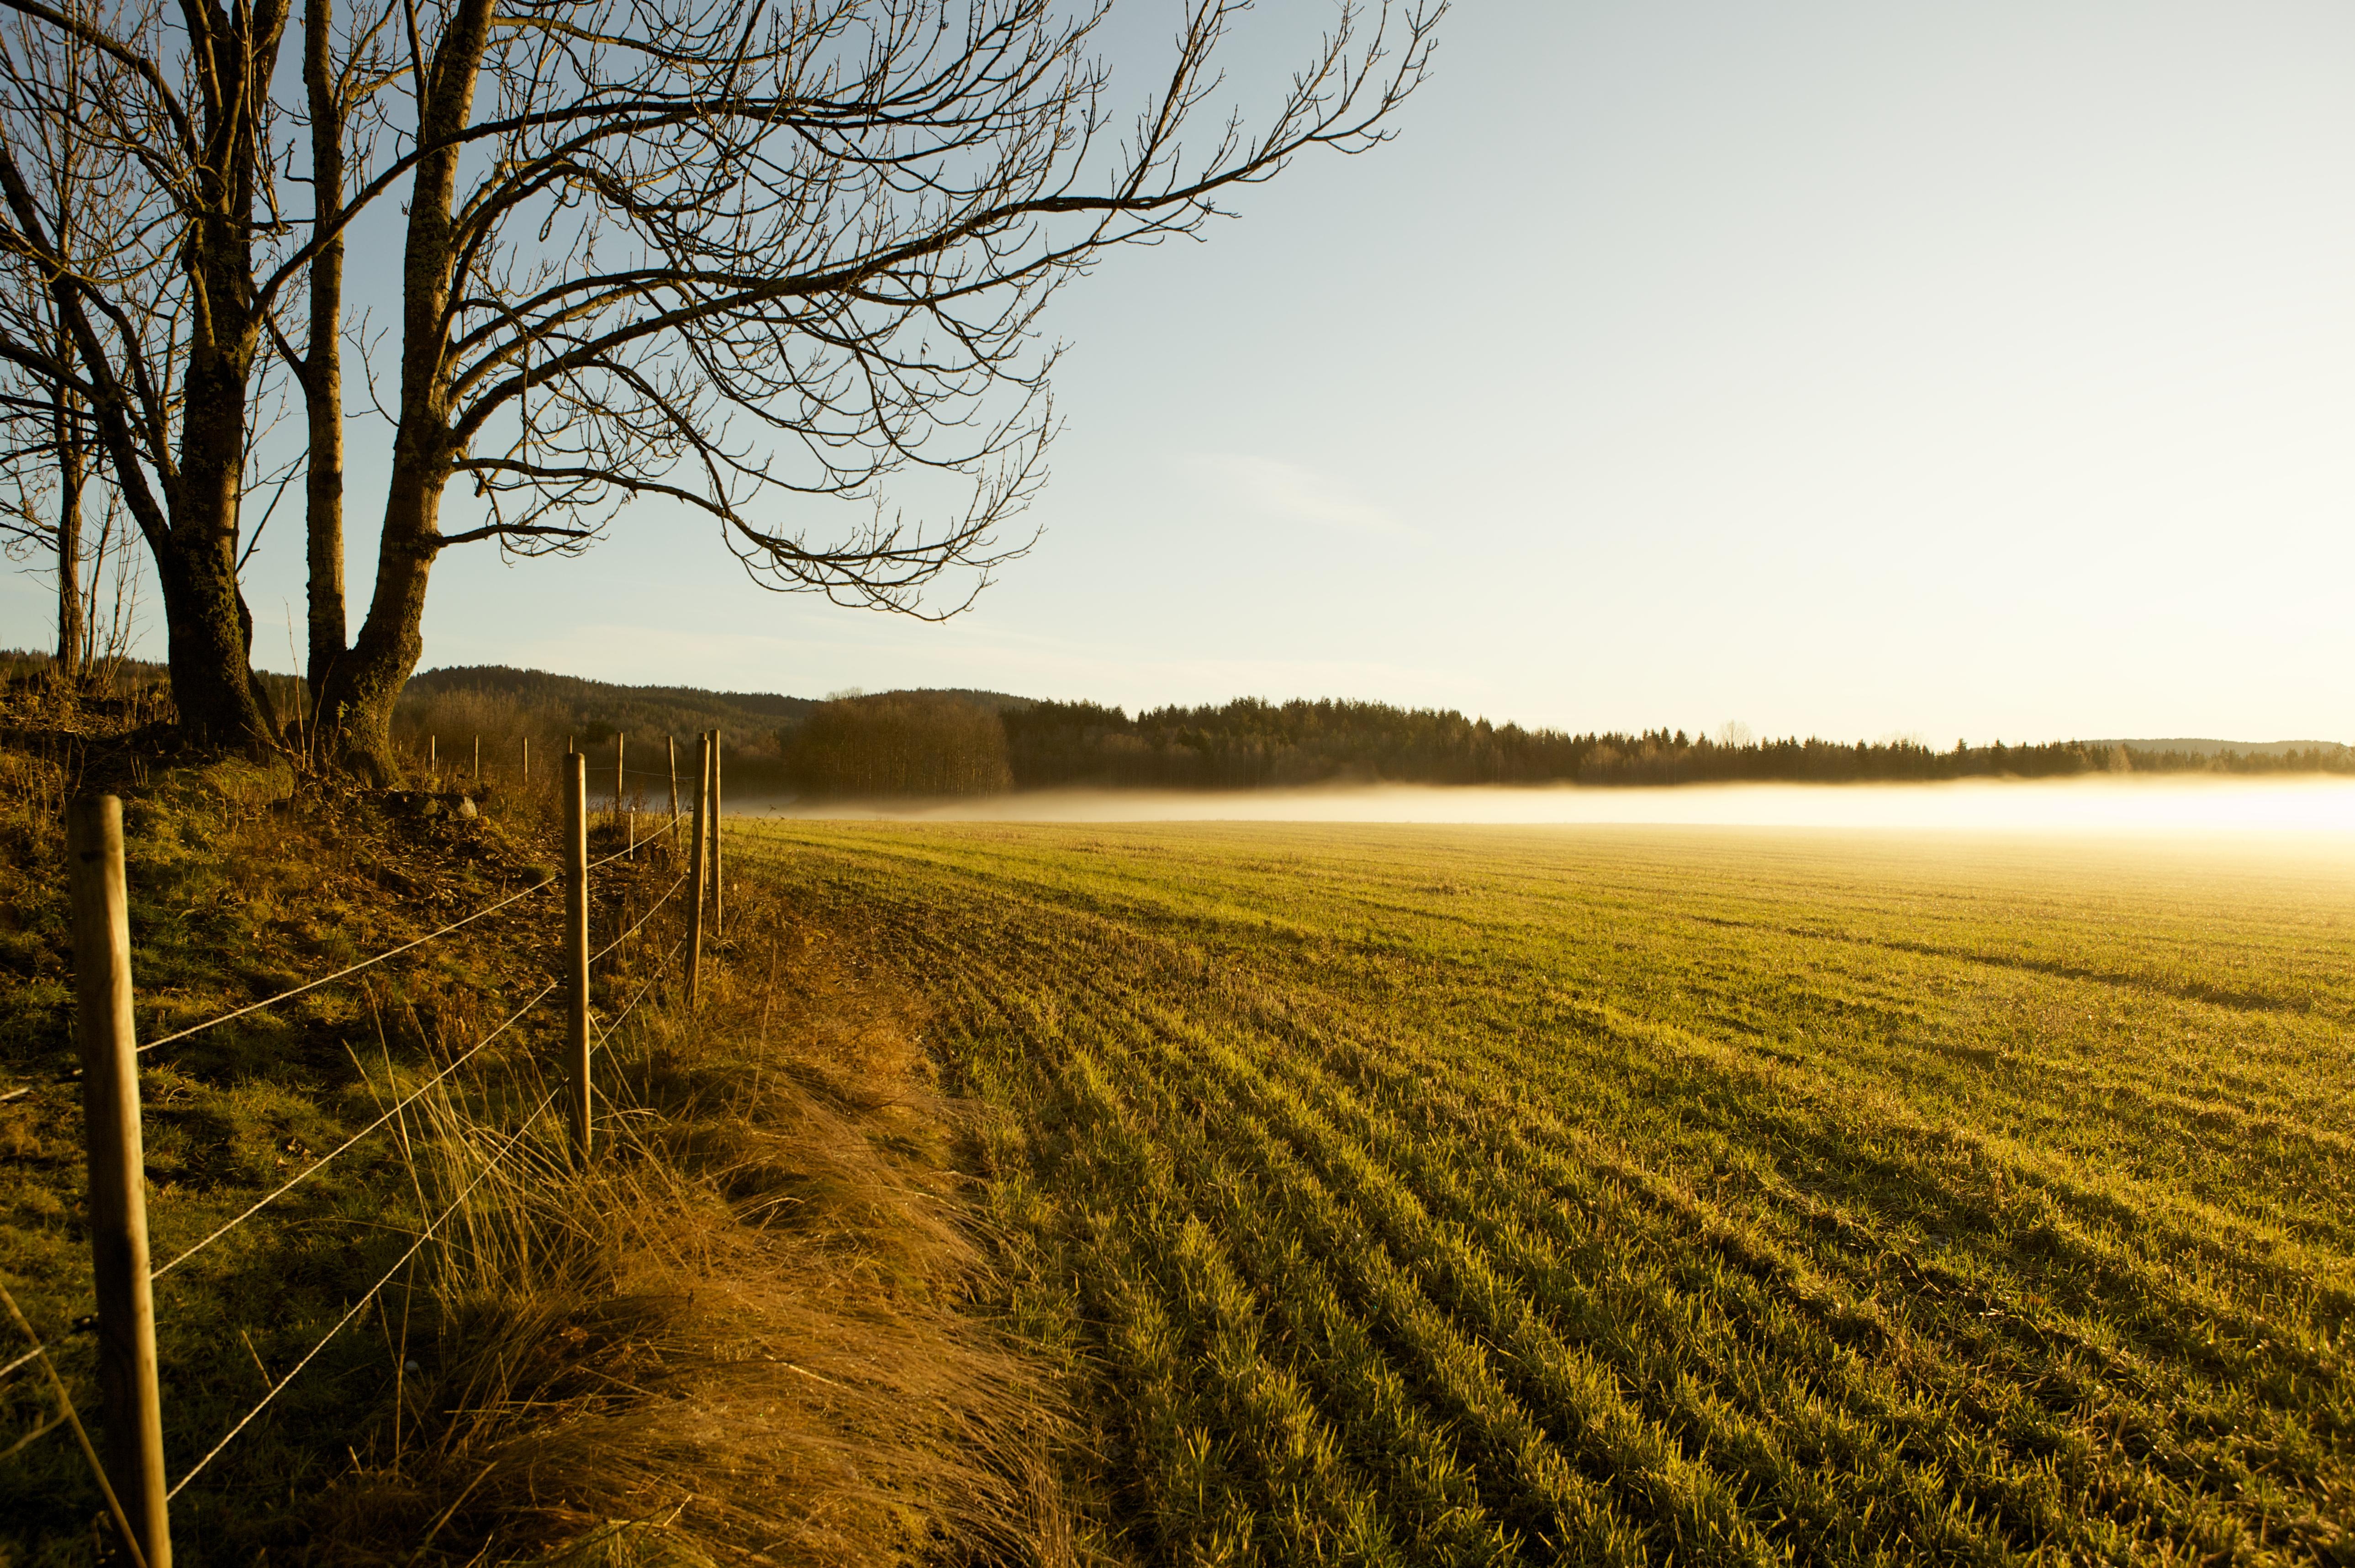 File:Misty field, Telemark, Norway.jpg - Wikimedia Commons